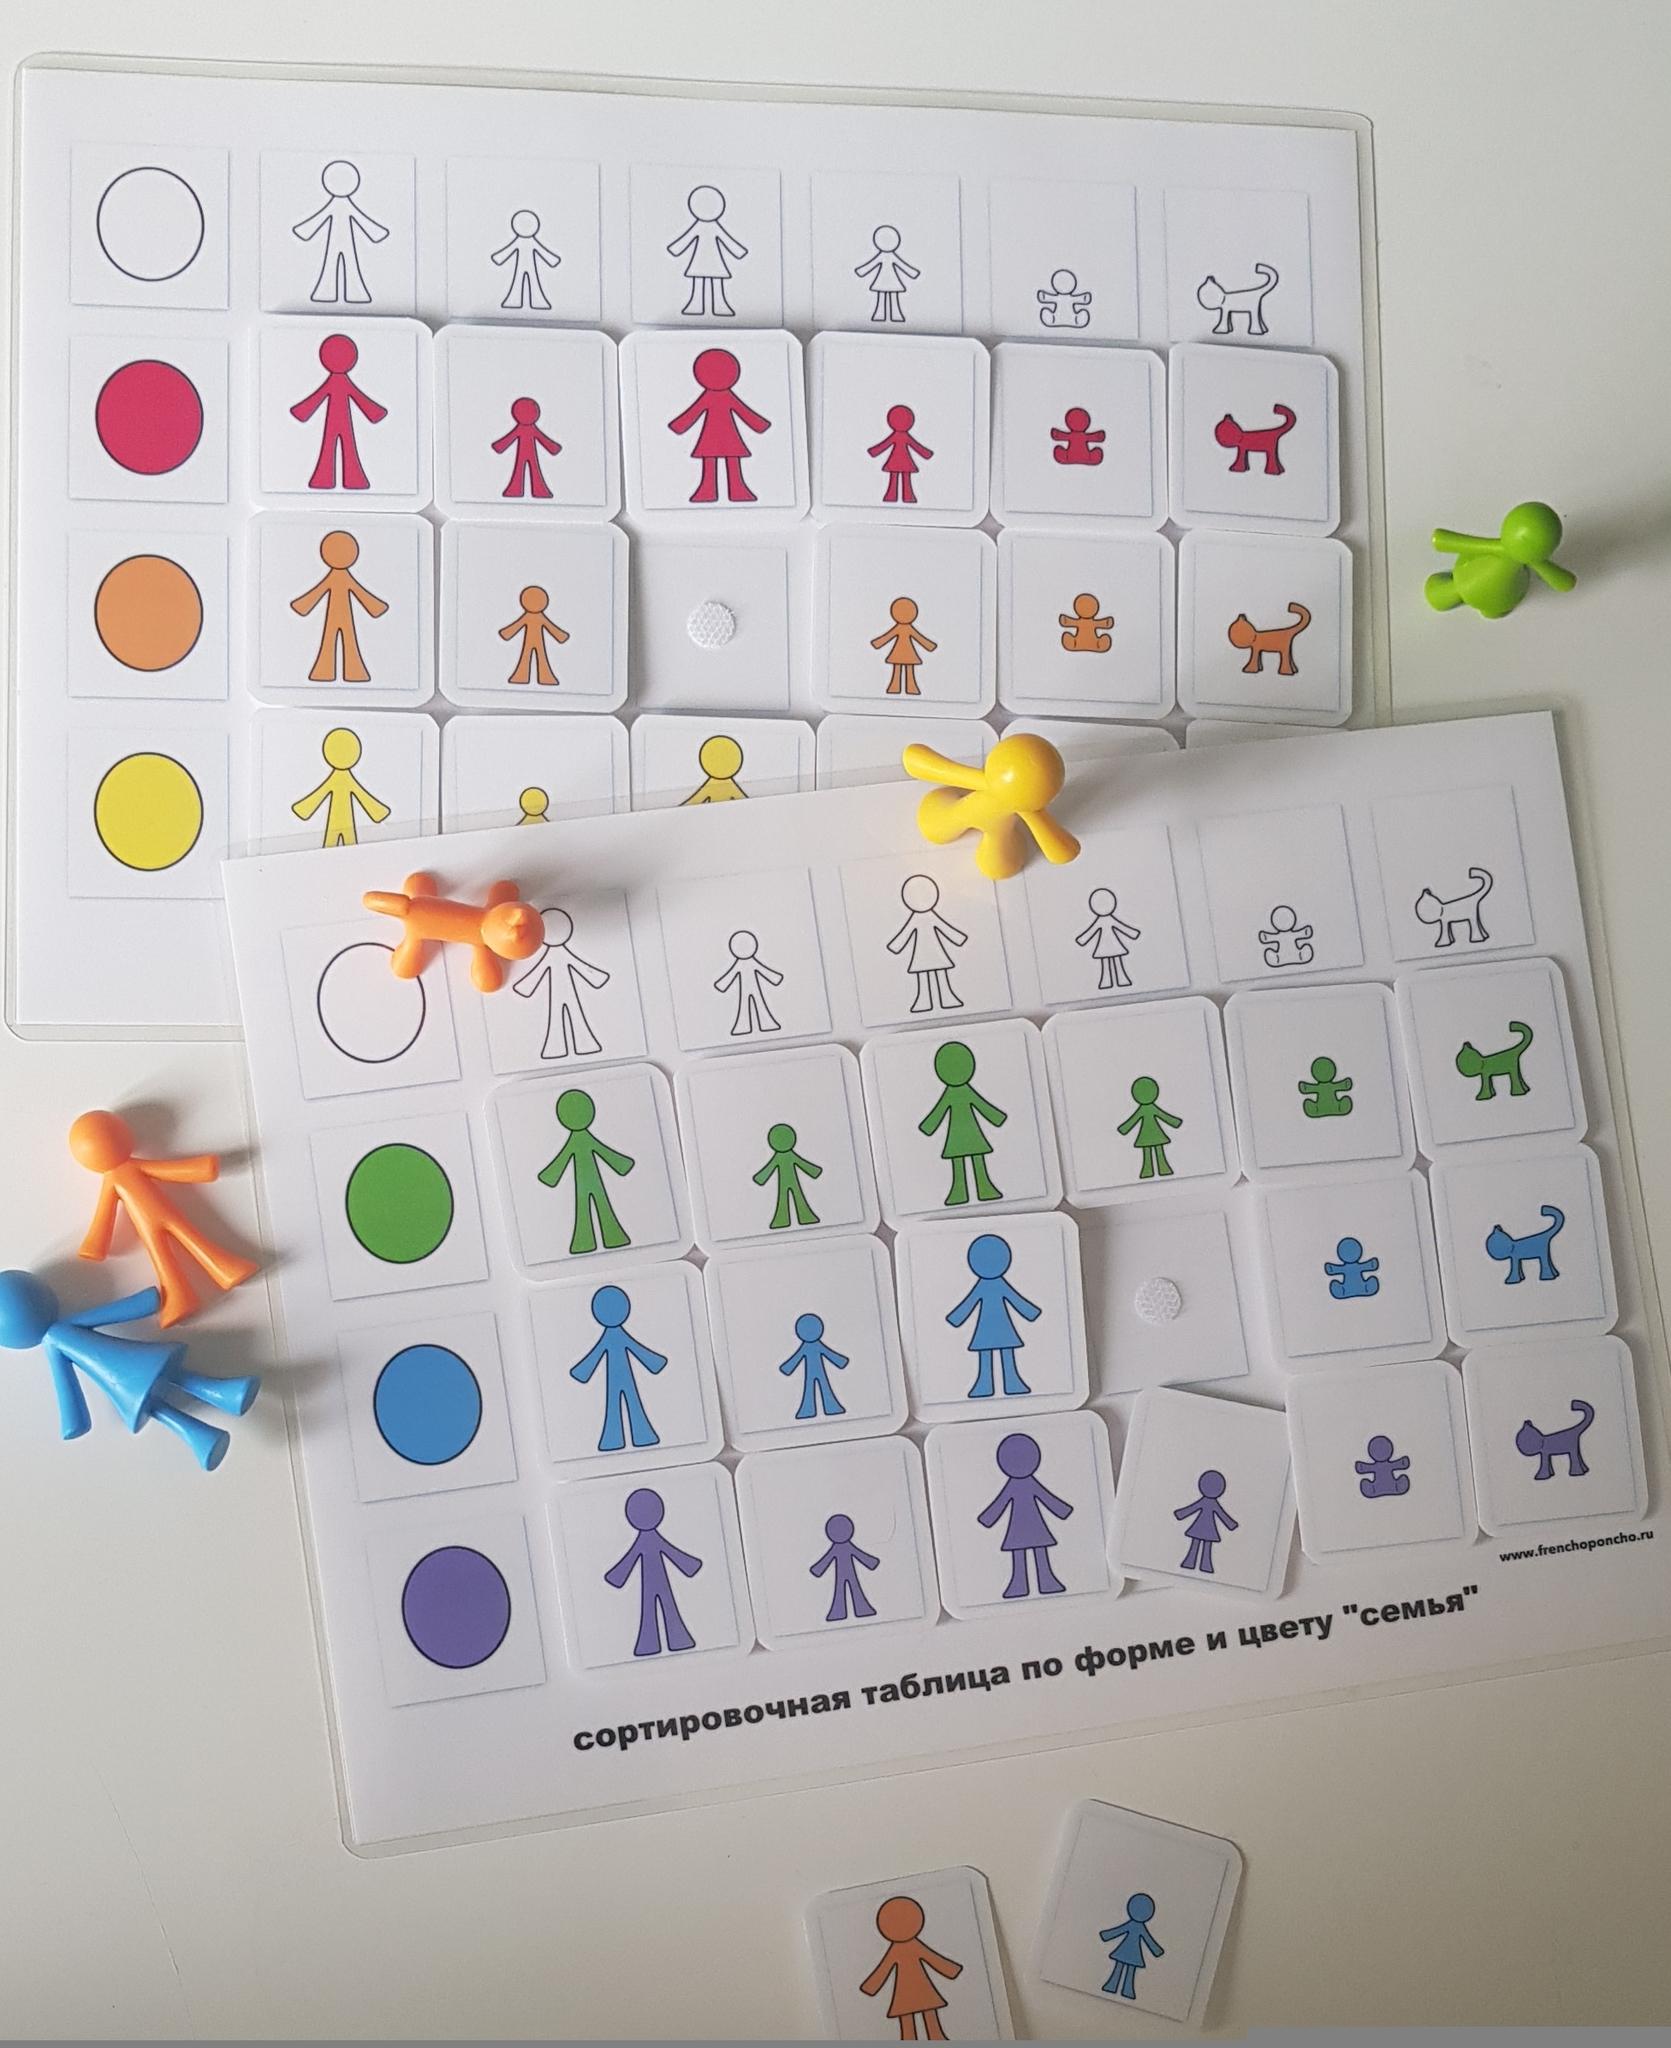 Семья. Сортировочная таблица по форме и цвету с ФИГУРКАМИ. Развивающие пособие на липучках с фигурками Frenchoponcho (Френчопончо)